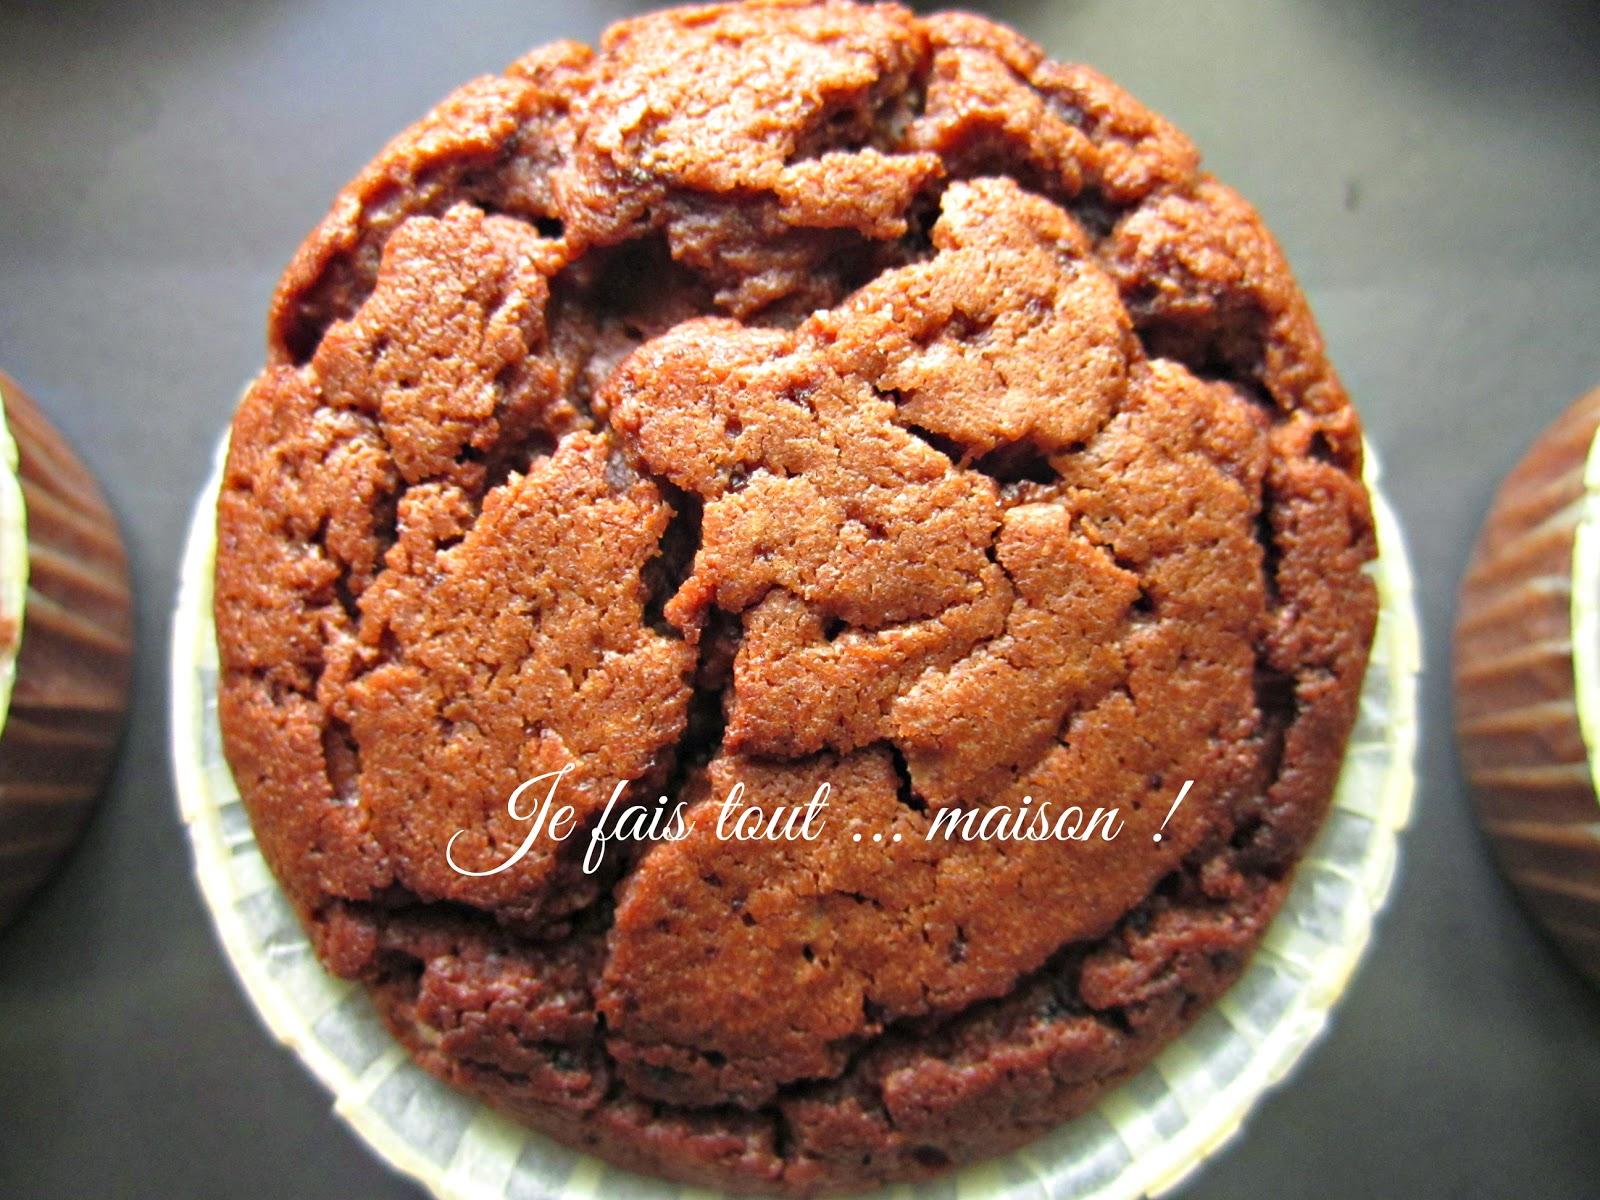 Muffins au chocolat super moelleux